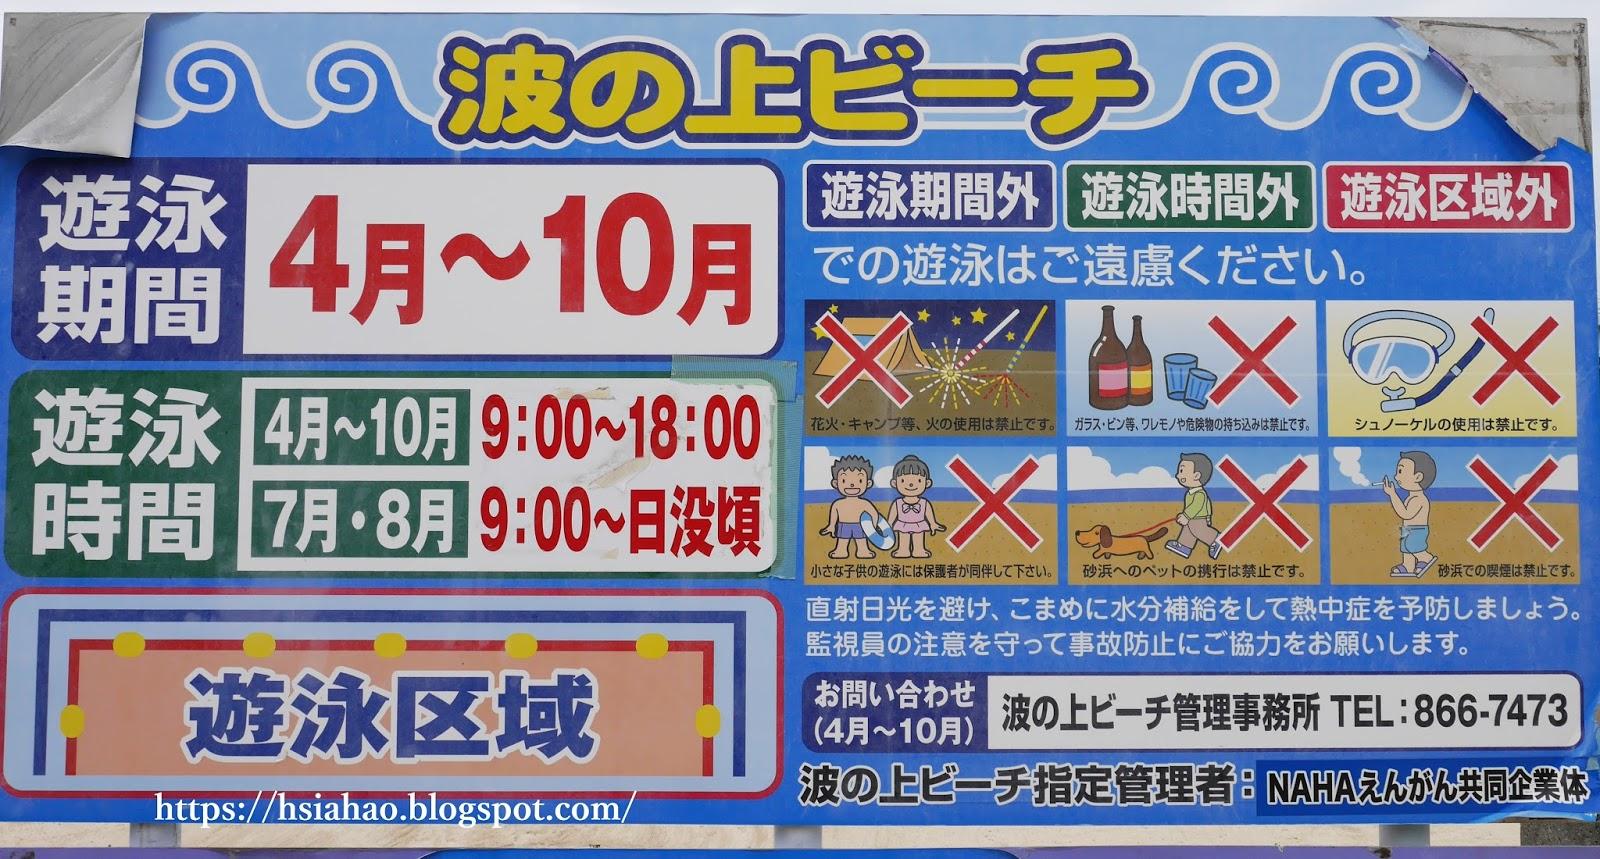 沖繩-那霸-景點-波之上海灘-開放時間-自由行-旅遊-Okinawa-Naha-Nanminsan